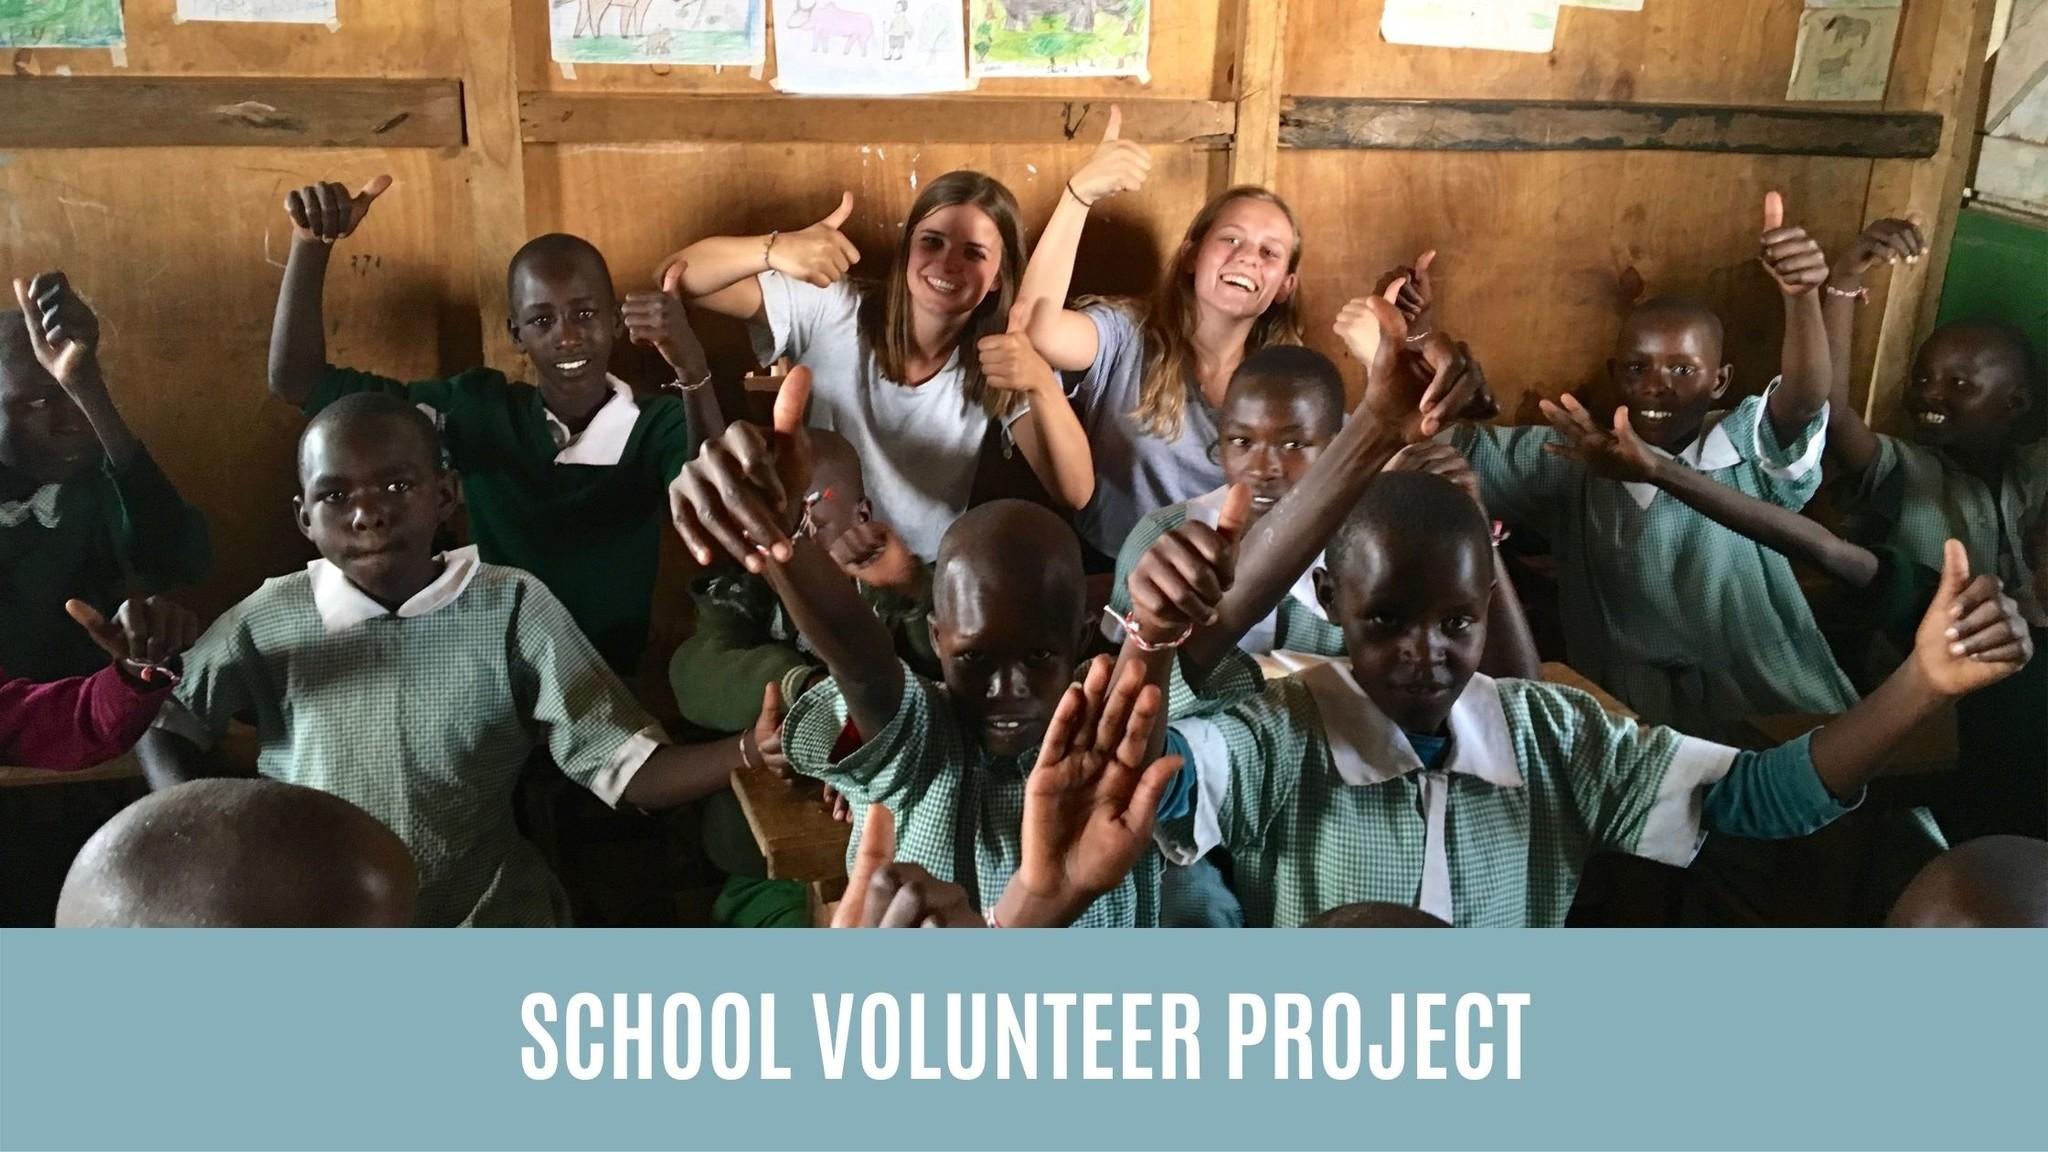 School volunteer project